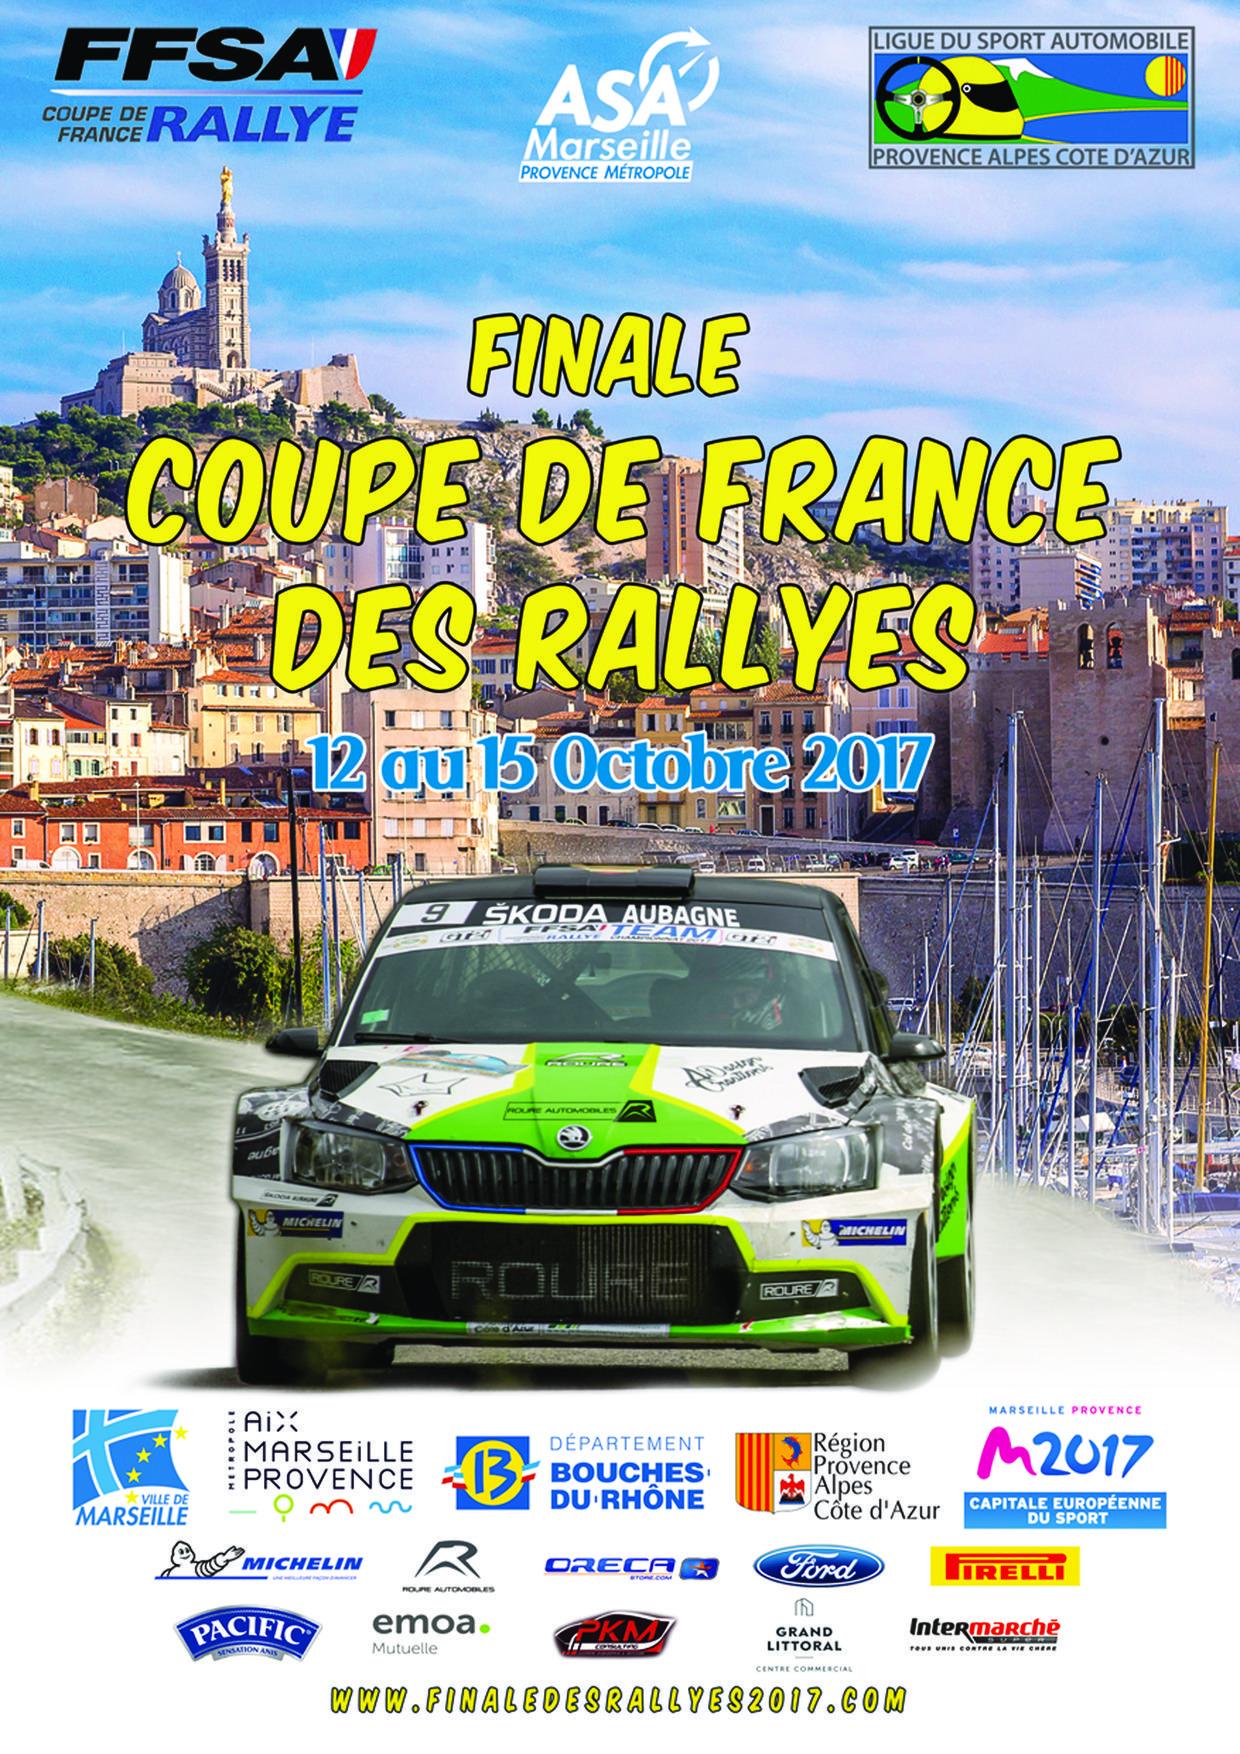 Finale des rallyes 2017 marseille - Calendrier coupe de france des rallyes 2015 ...